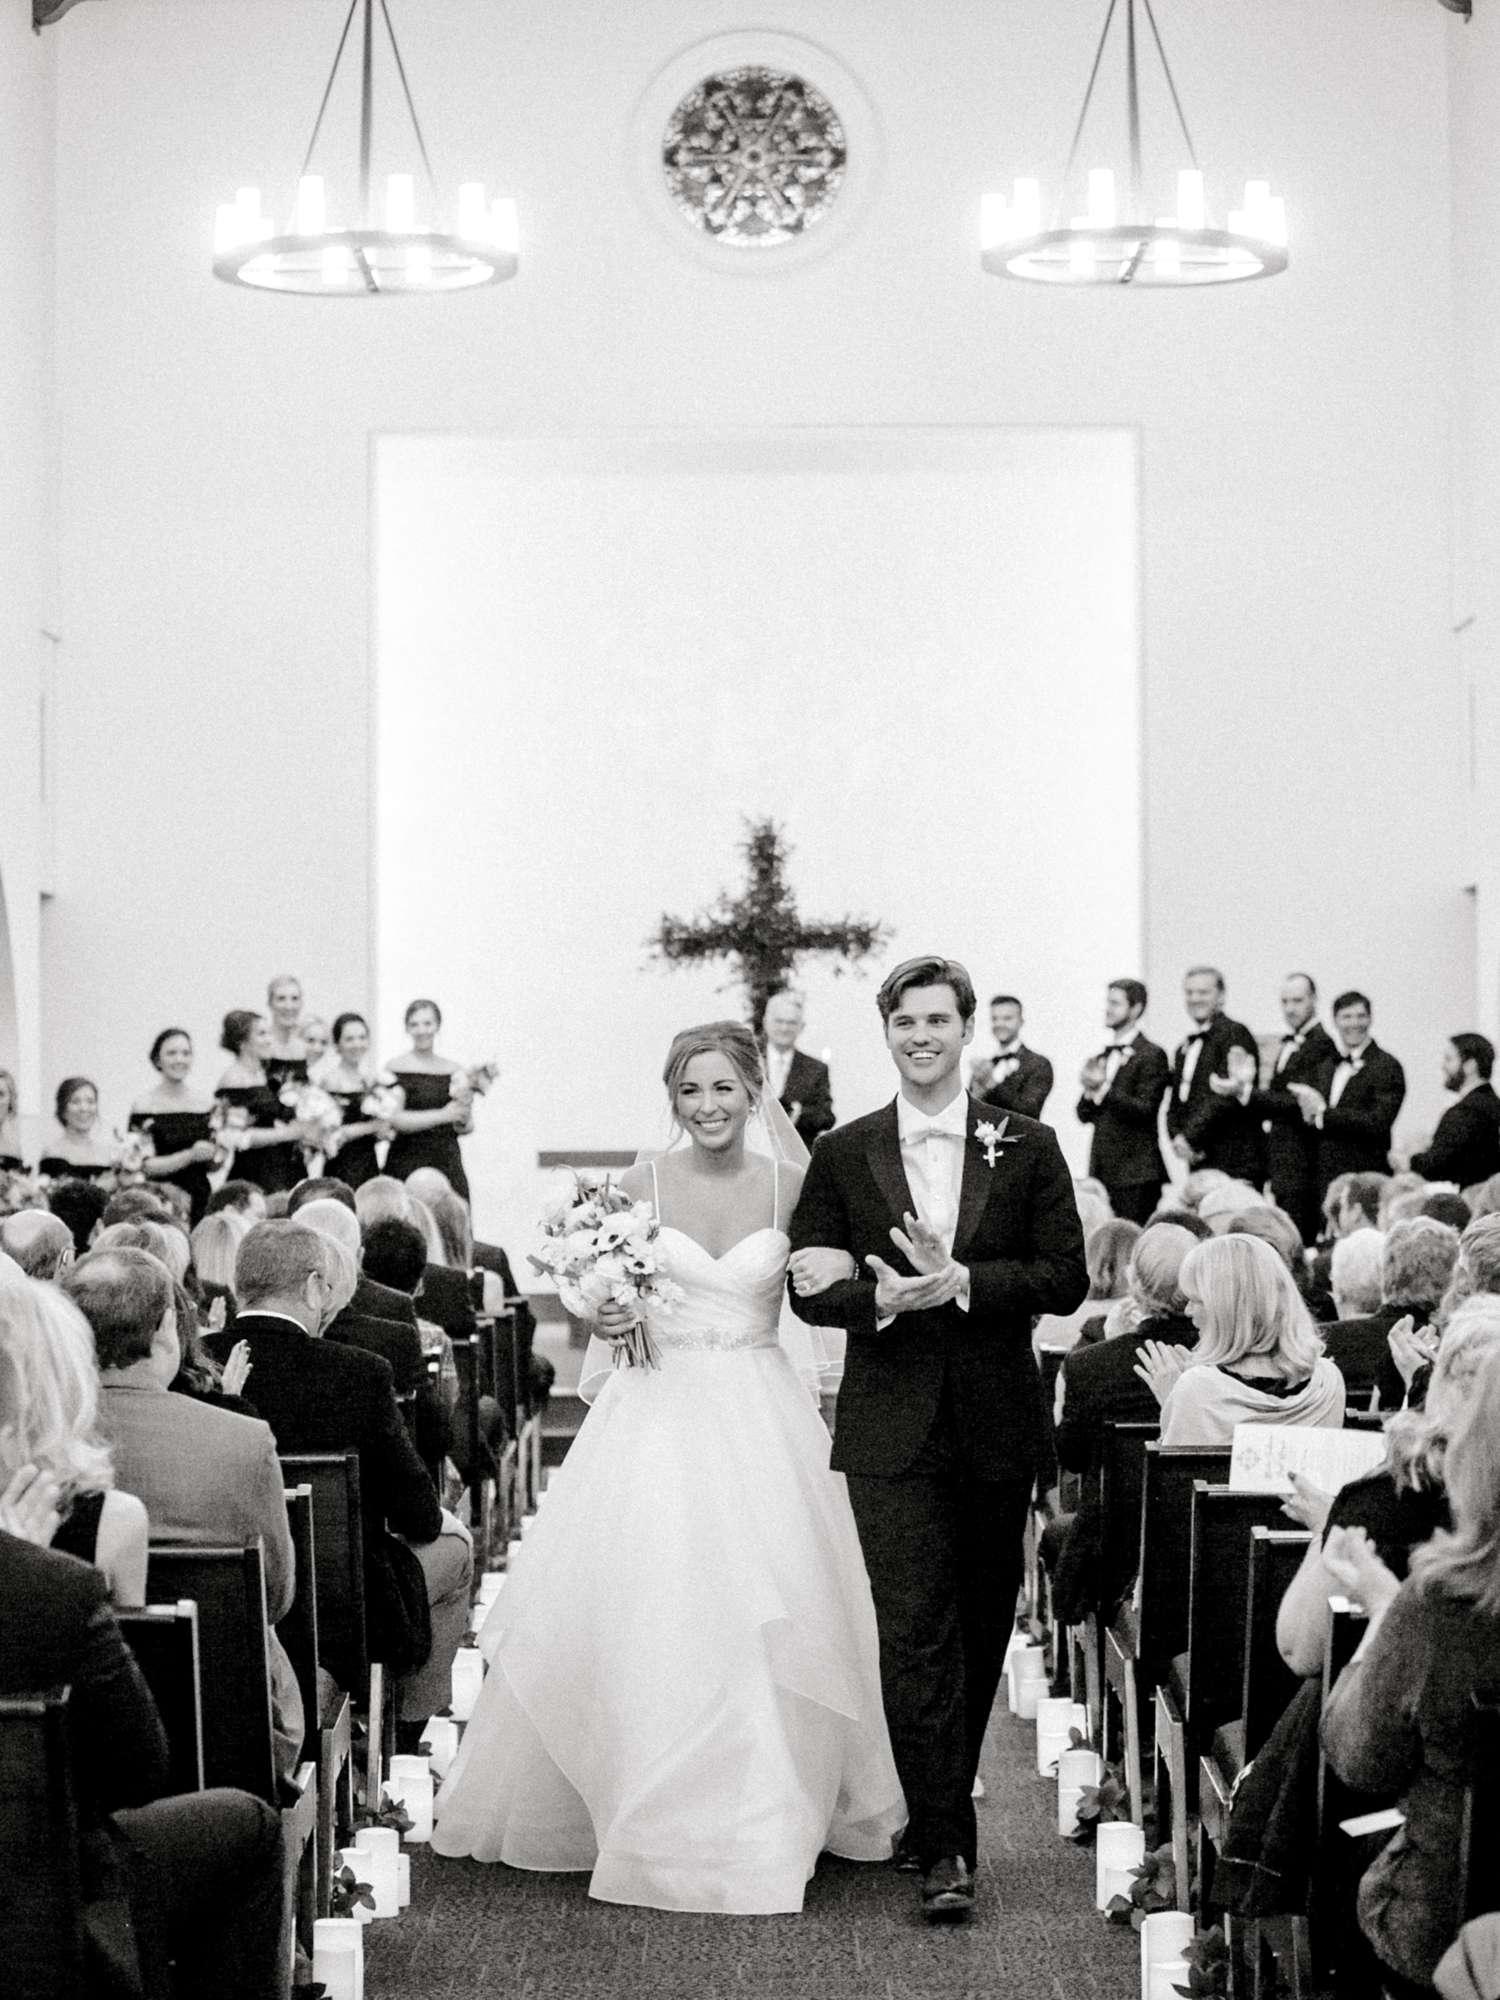 MARLEE+LLOYD+MORGAN+ALLEEJ+TEXAS+TECH+MERKET+ALUMNI+WEDDINGS+LUBBOCK+WEST+TABLE+CLASSIC+SPAIN_0180.jpg